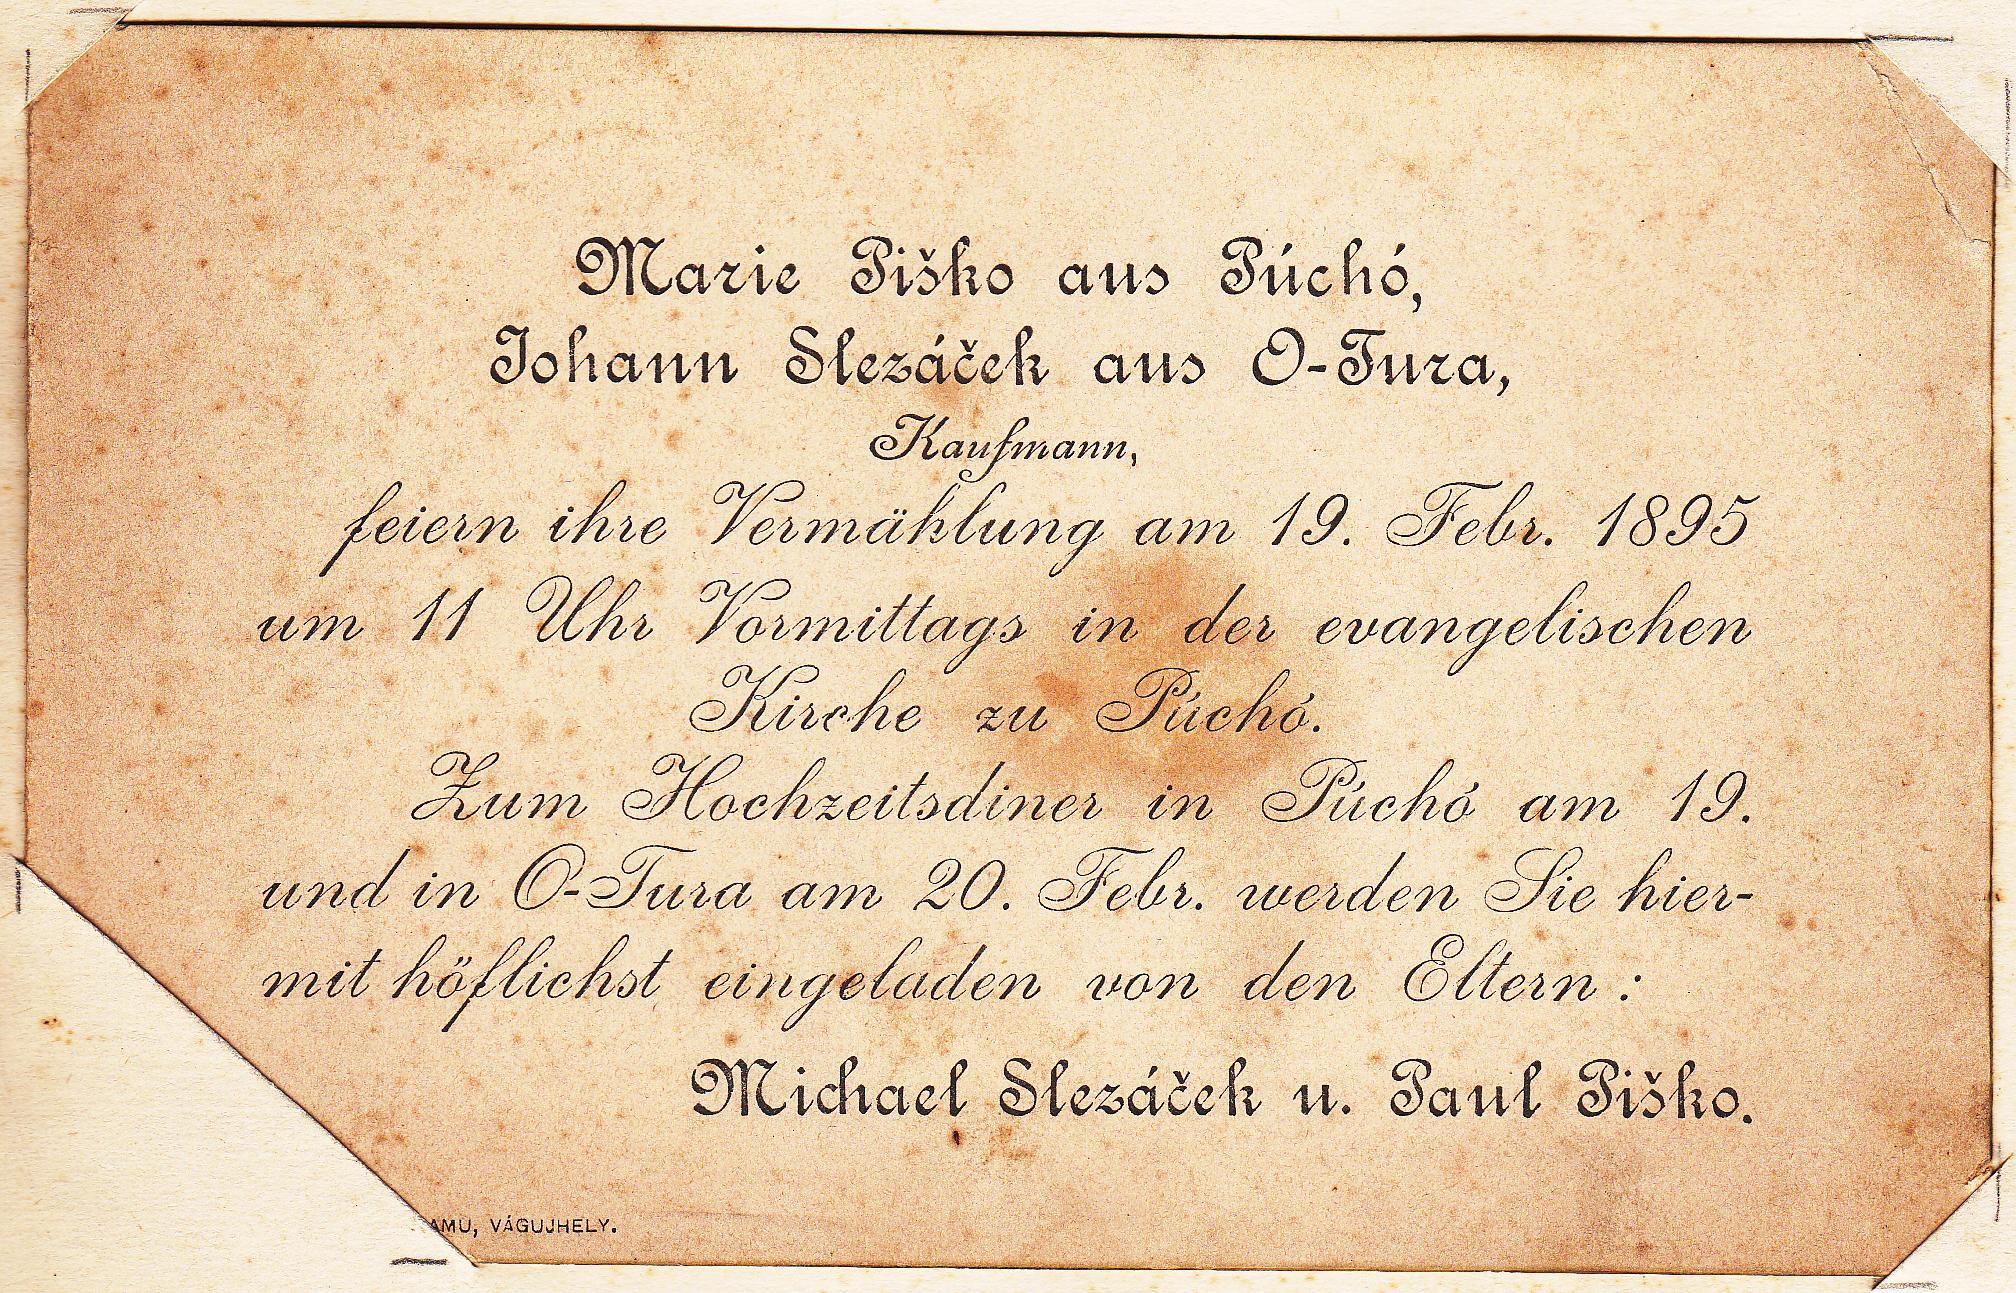 Svadobné oznámenie Márie Piškovej z Púchova a Janka Slezáčka zo Starej Turej z r. 1895 v nemčine